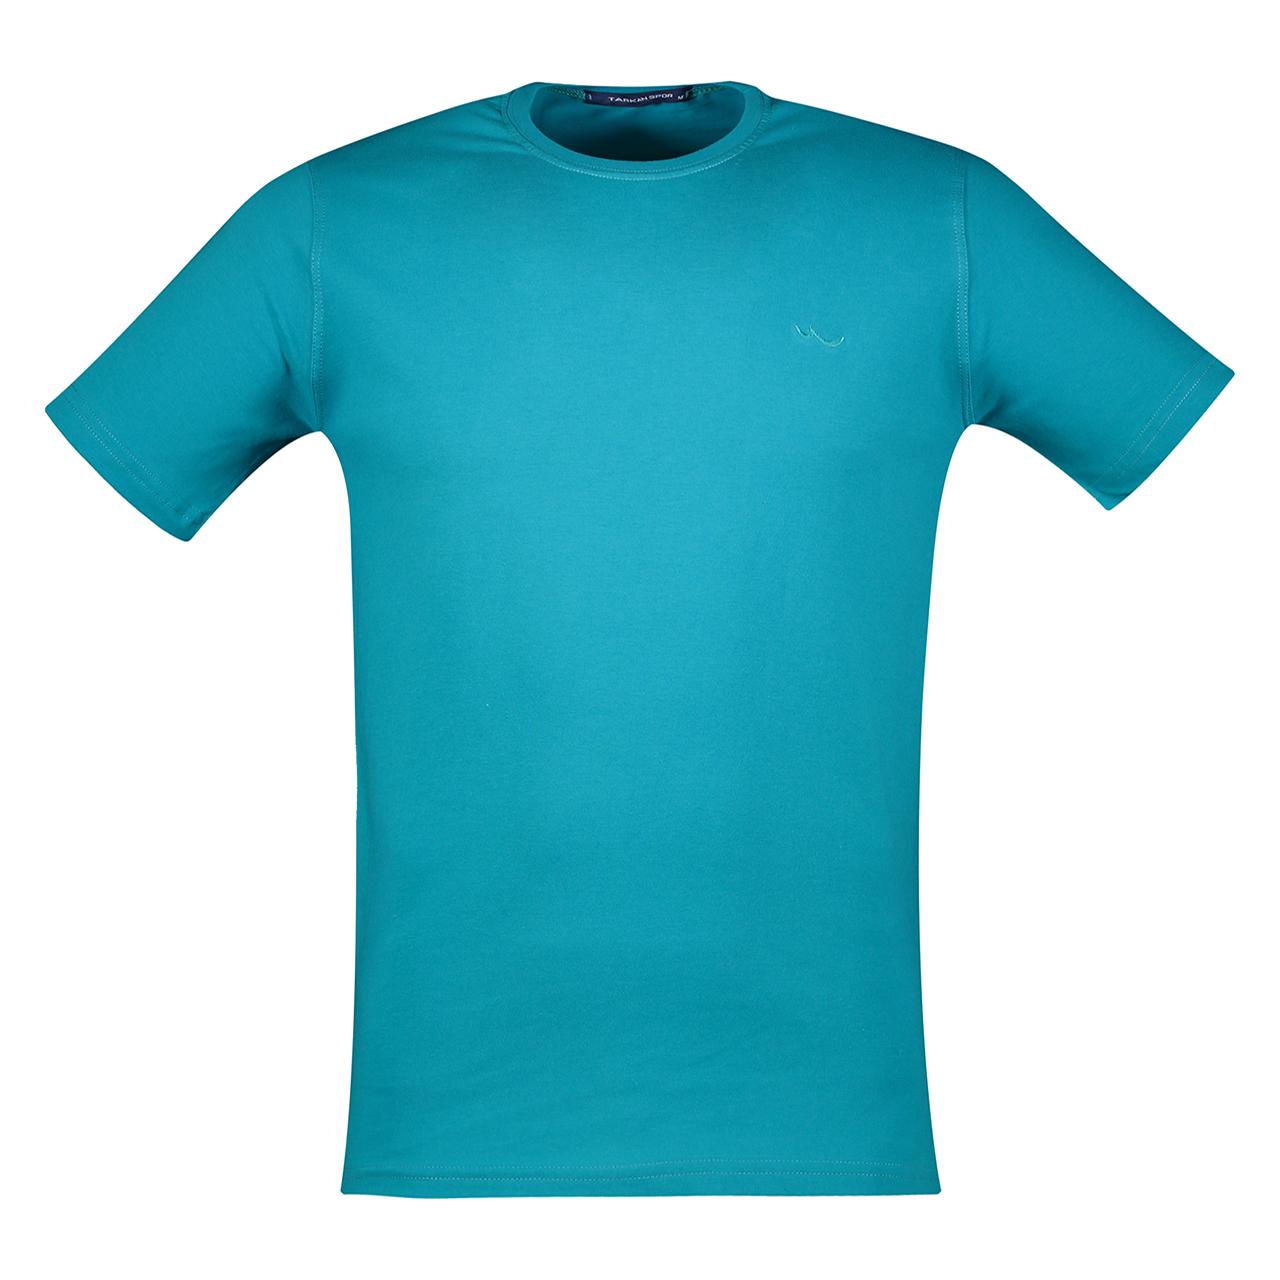 تی شرت آستین کوتاه مردانه کد 237-9